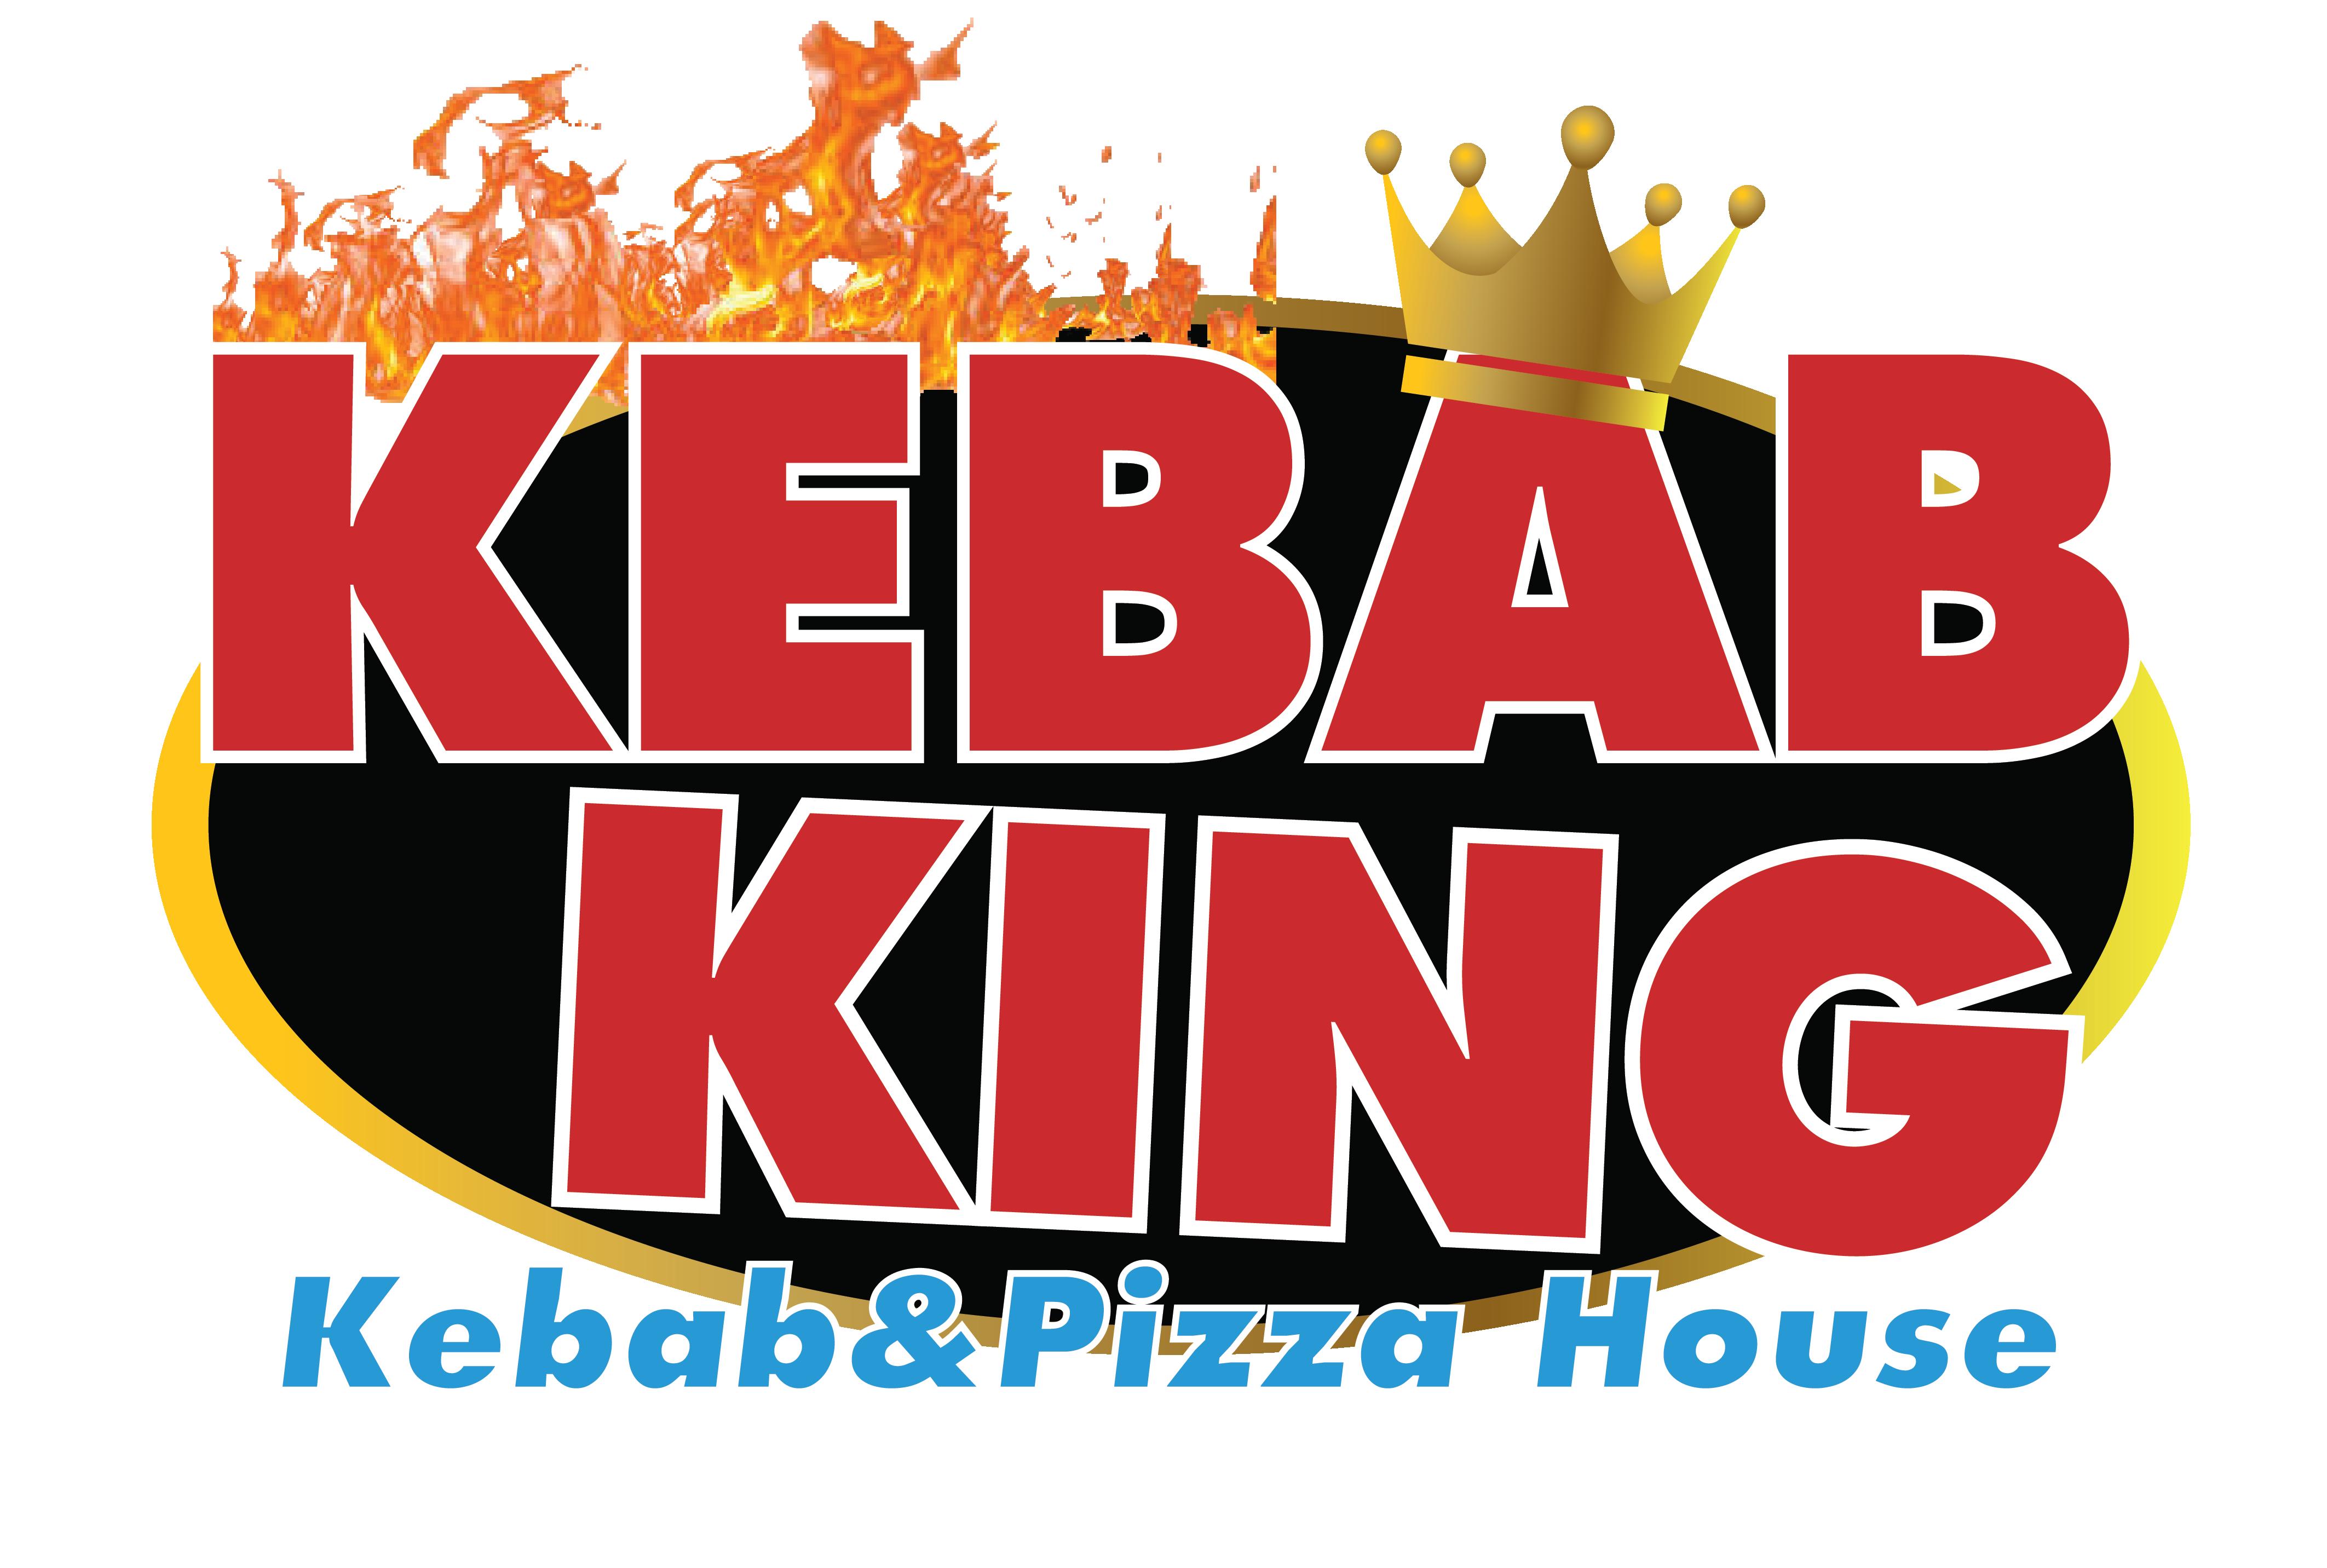 Kebab King Kebab King Preston Takeaway Order Online